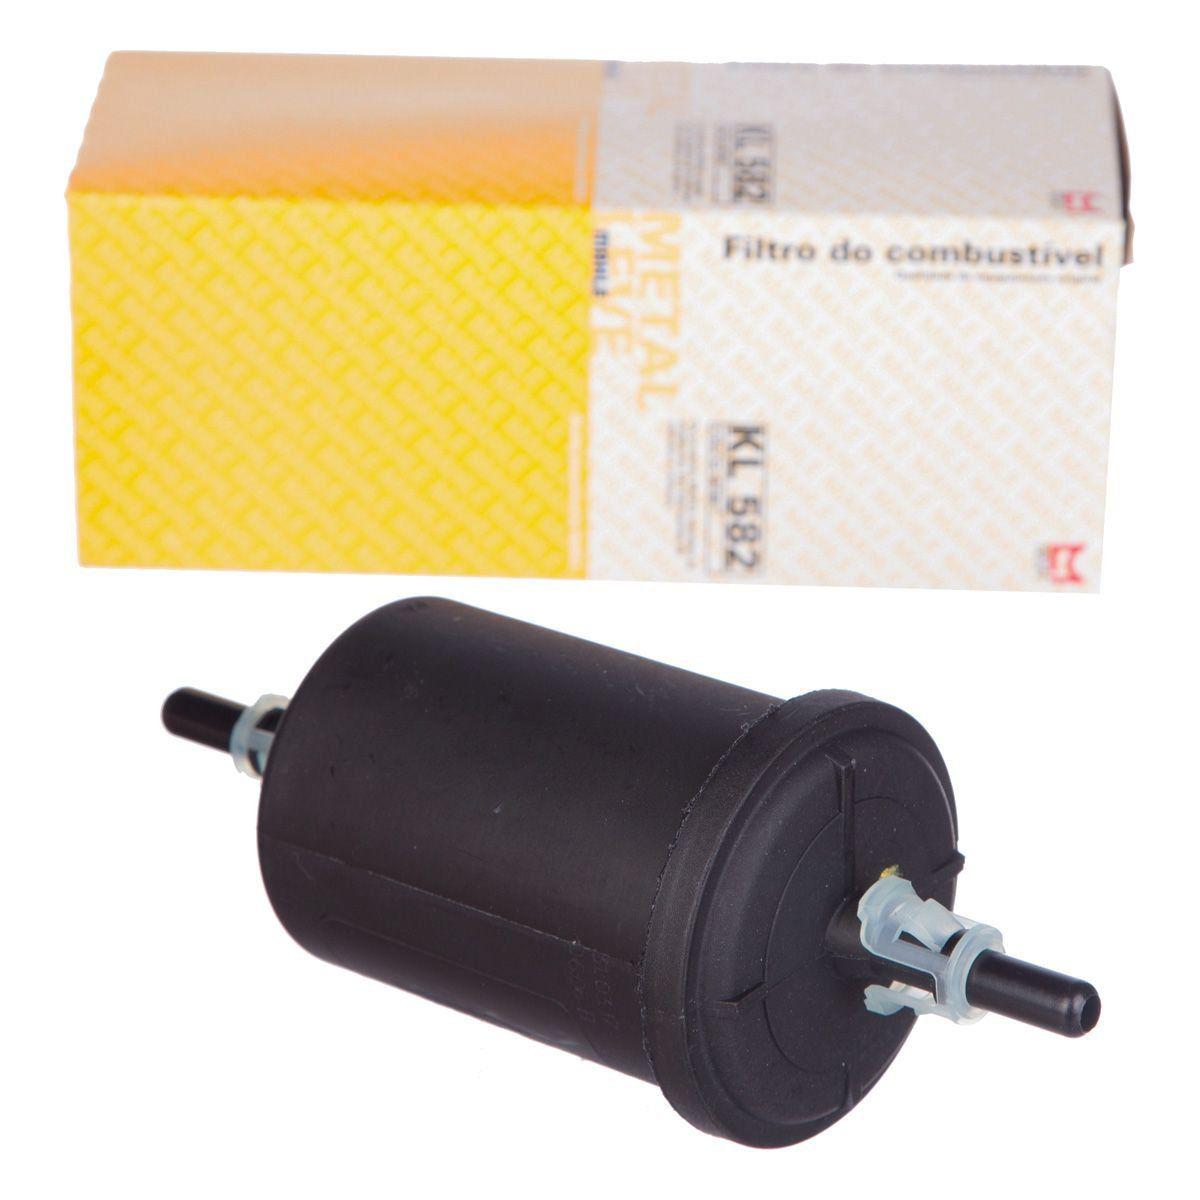 Filtro combustivel flex - Spin de 2013 a 2021